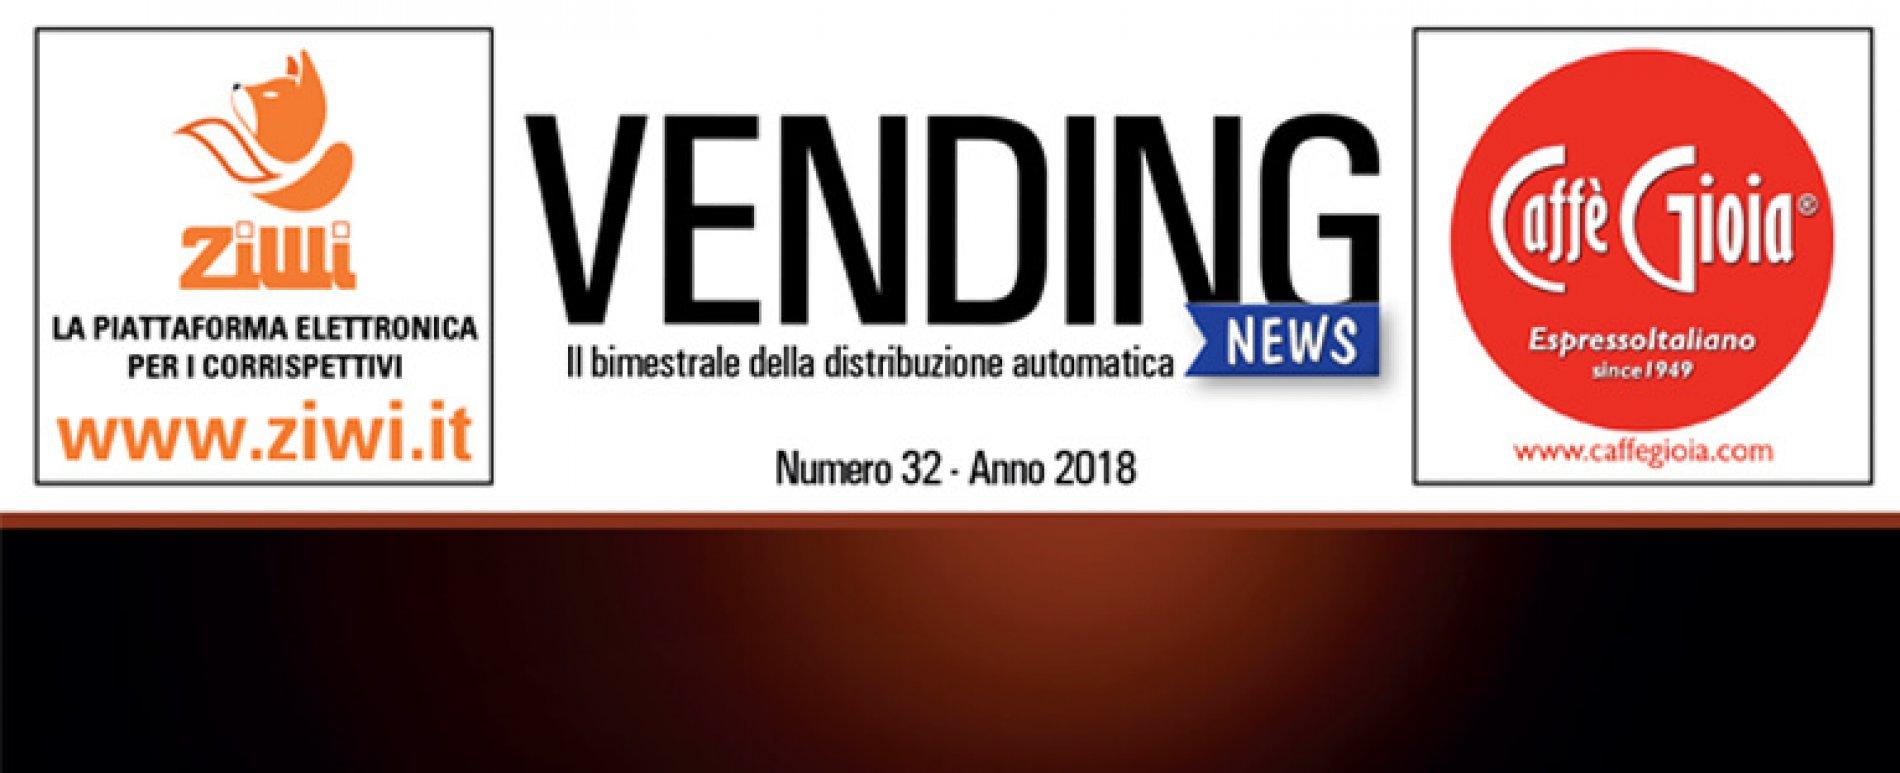 Rivista Vending News – Leggi il numero 32